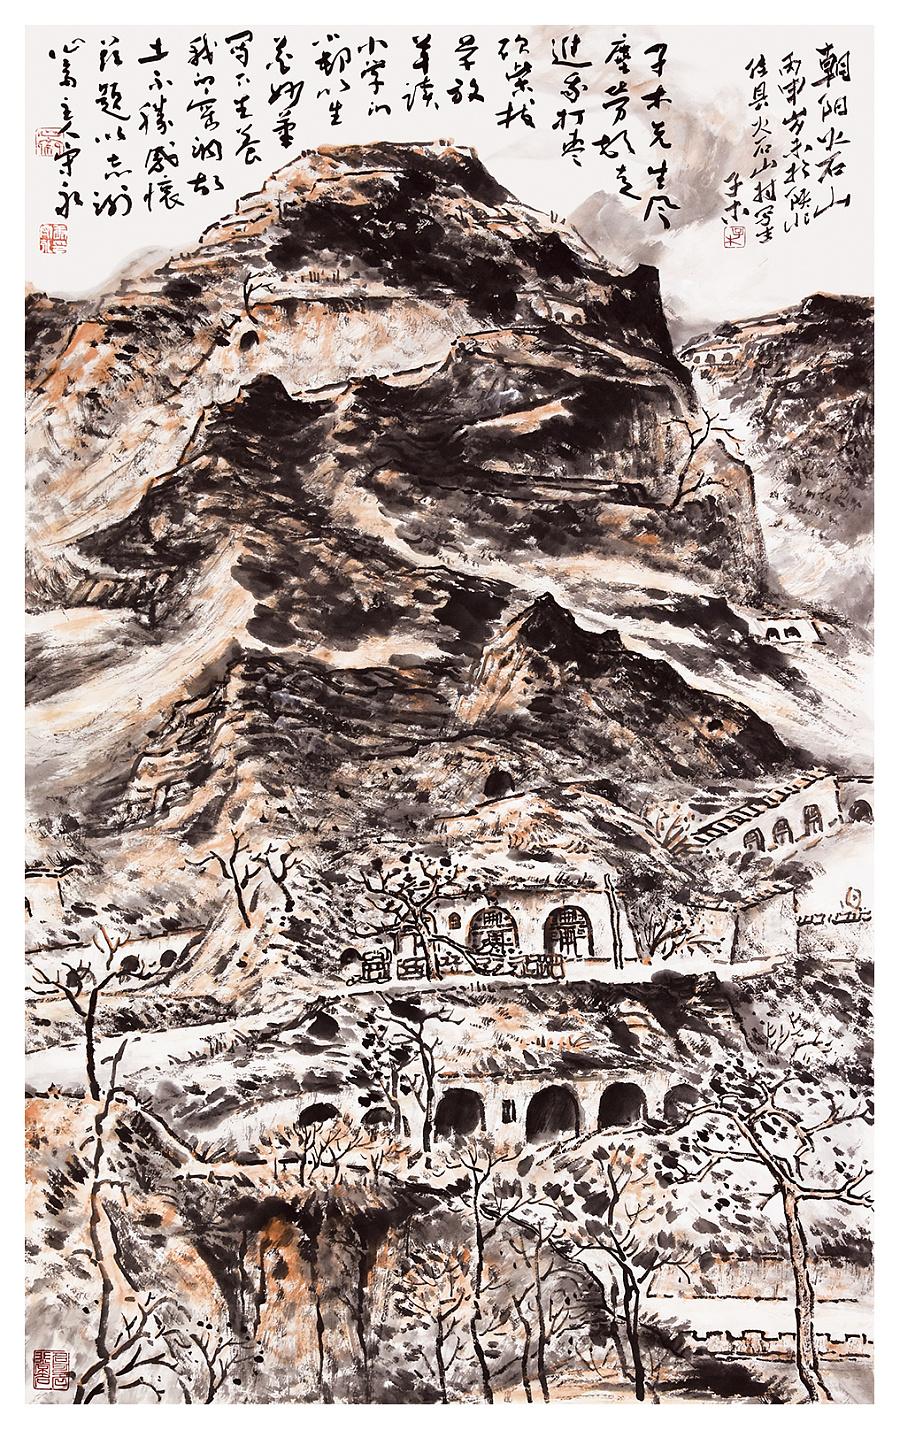 查看《子木画毛泽东转战陕北走过的地方写生作品选》原图,原图尺寸:1017x1616